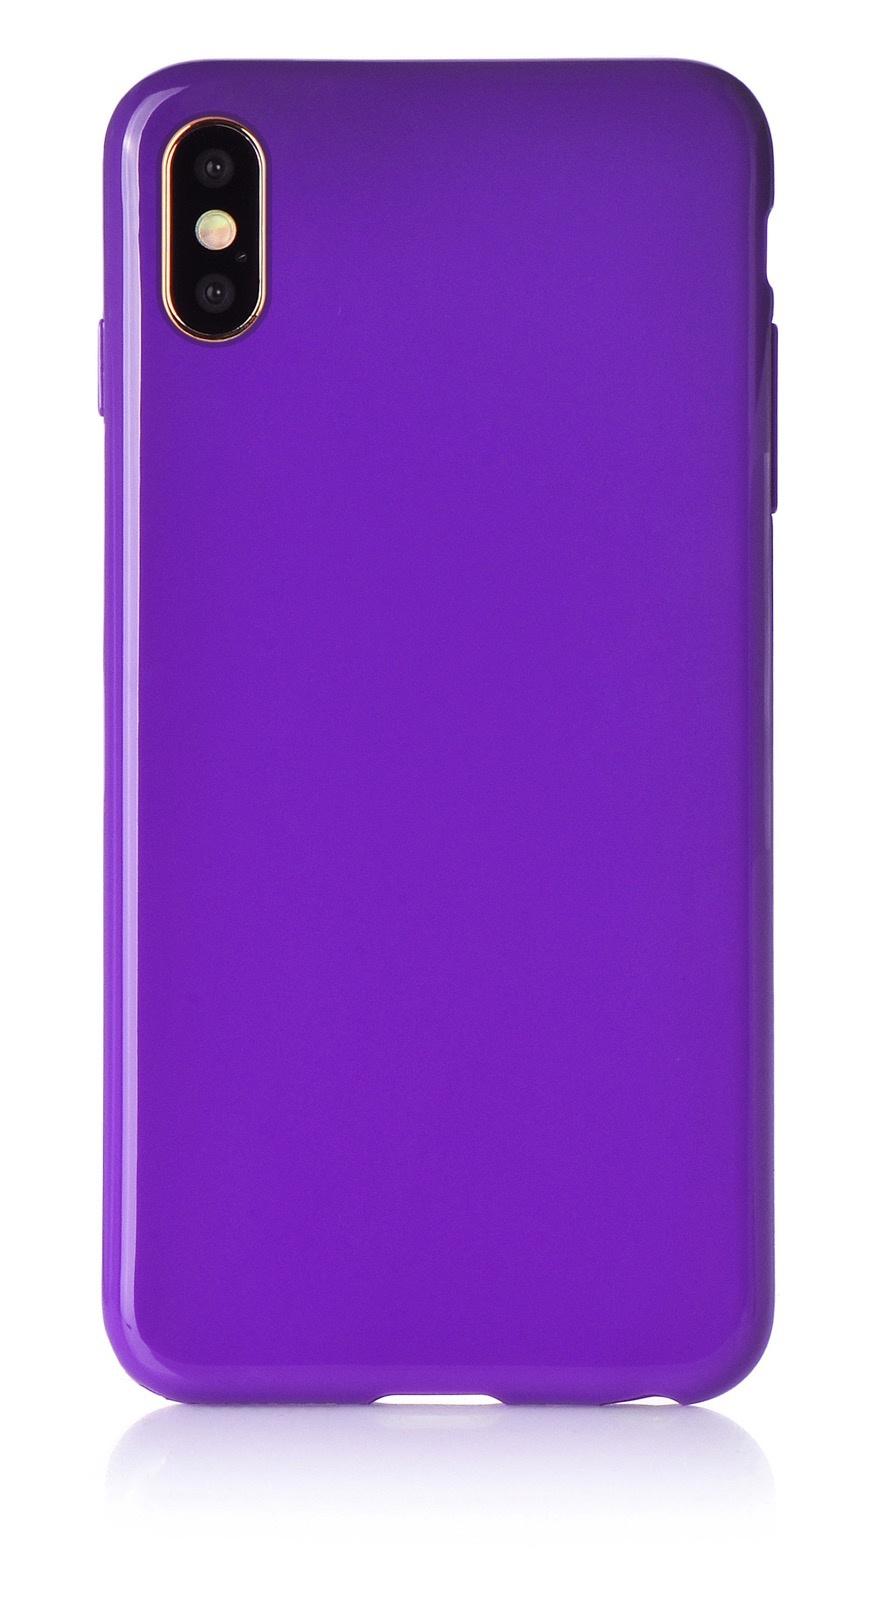 """Чехол для сотового телефона iNeez накладка силикон мыльница 907278 для Apple Iphone XS Max 6.5"""", фиолетовый"""